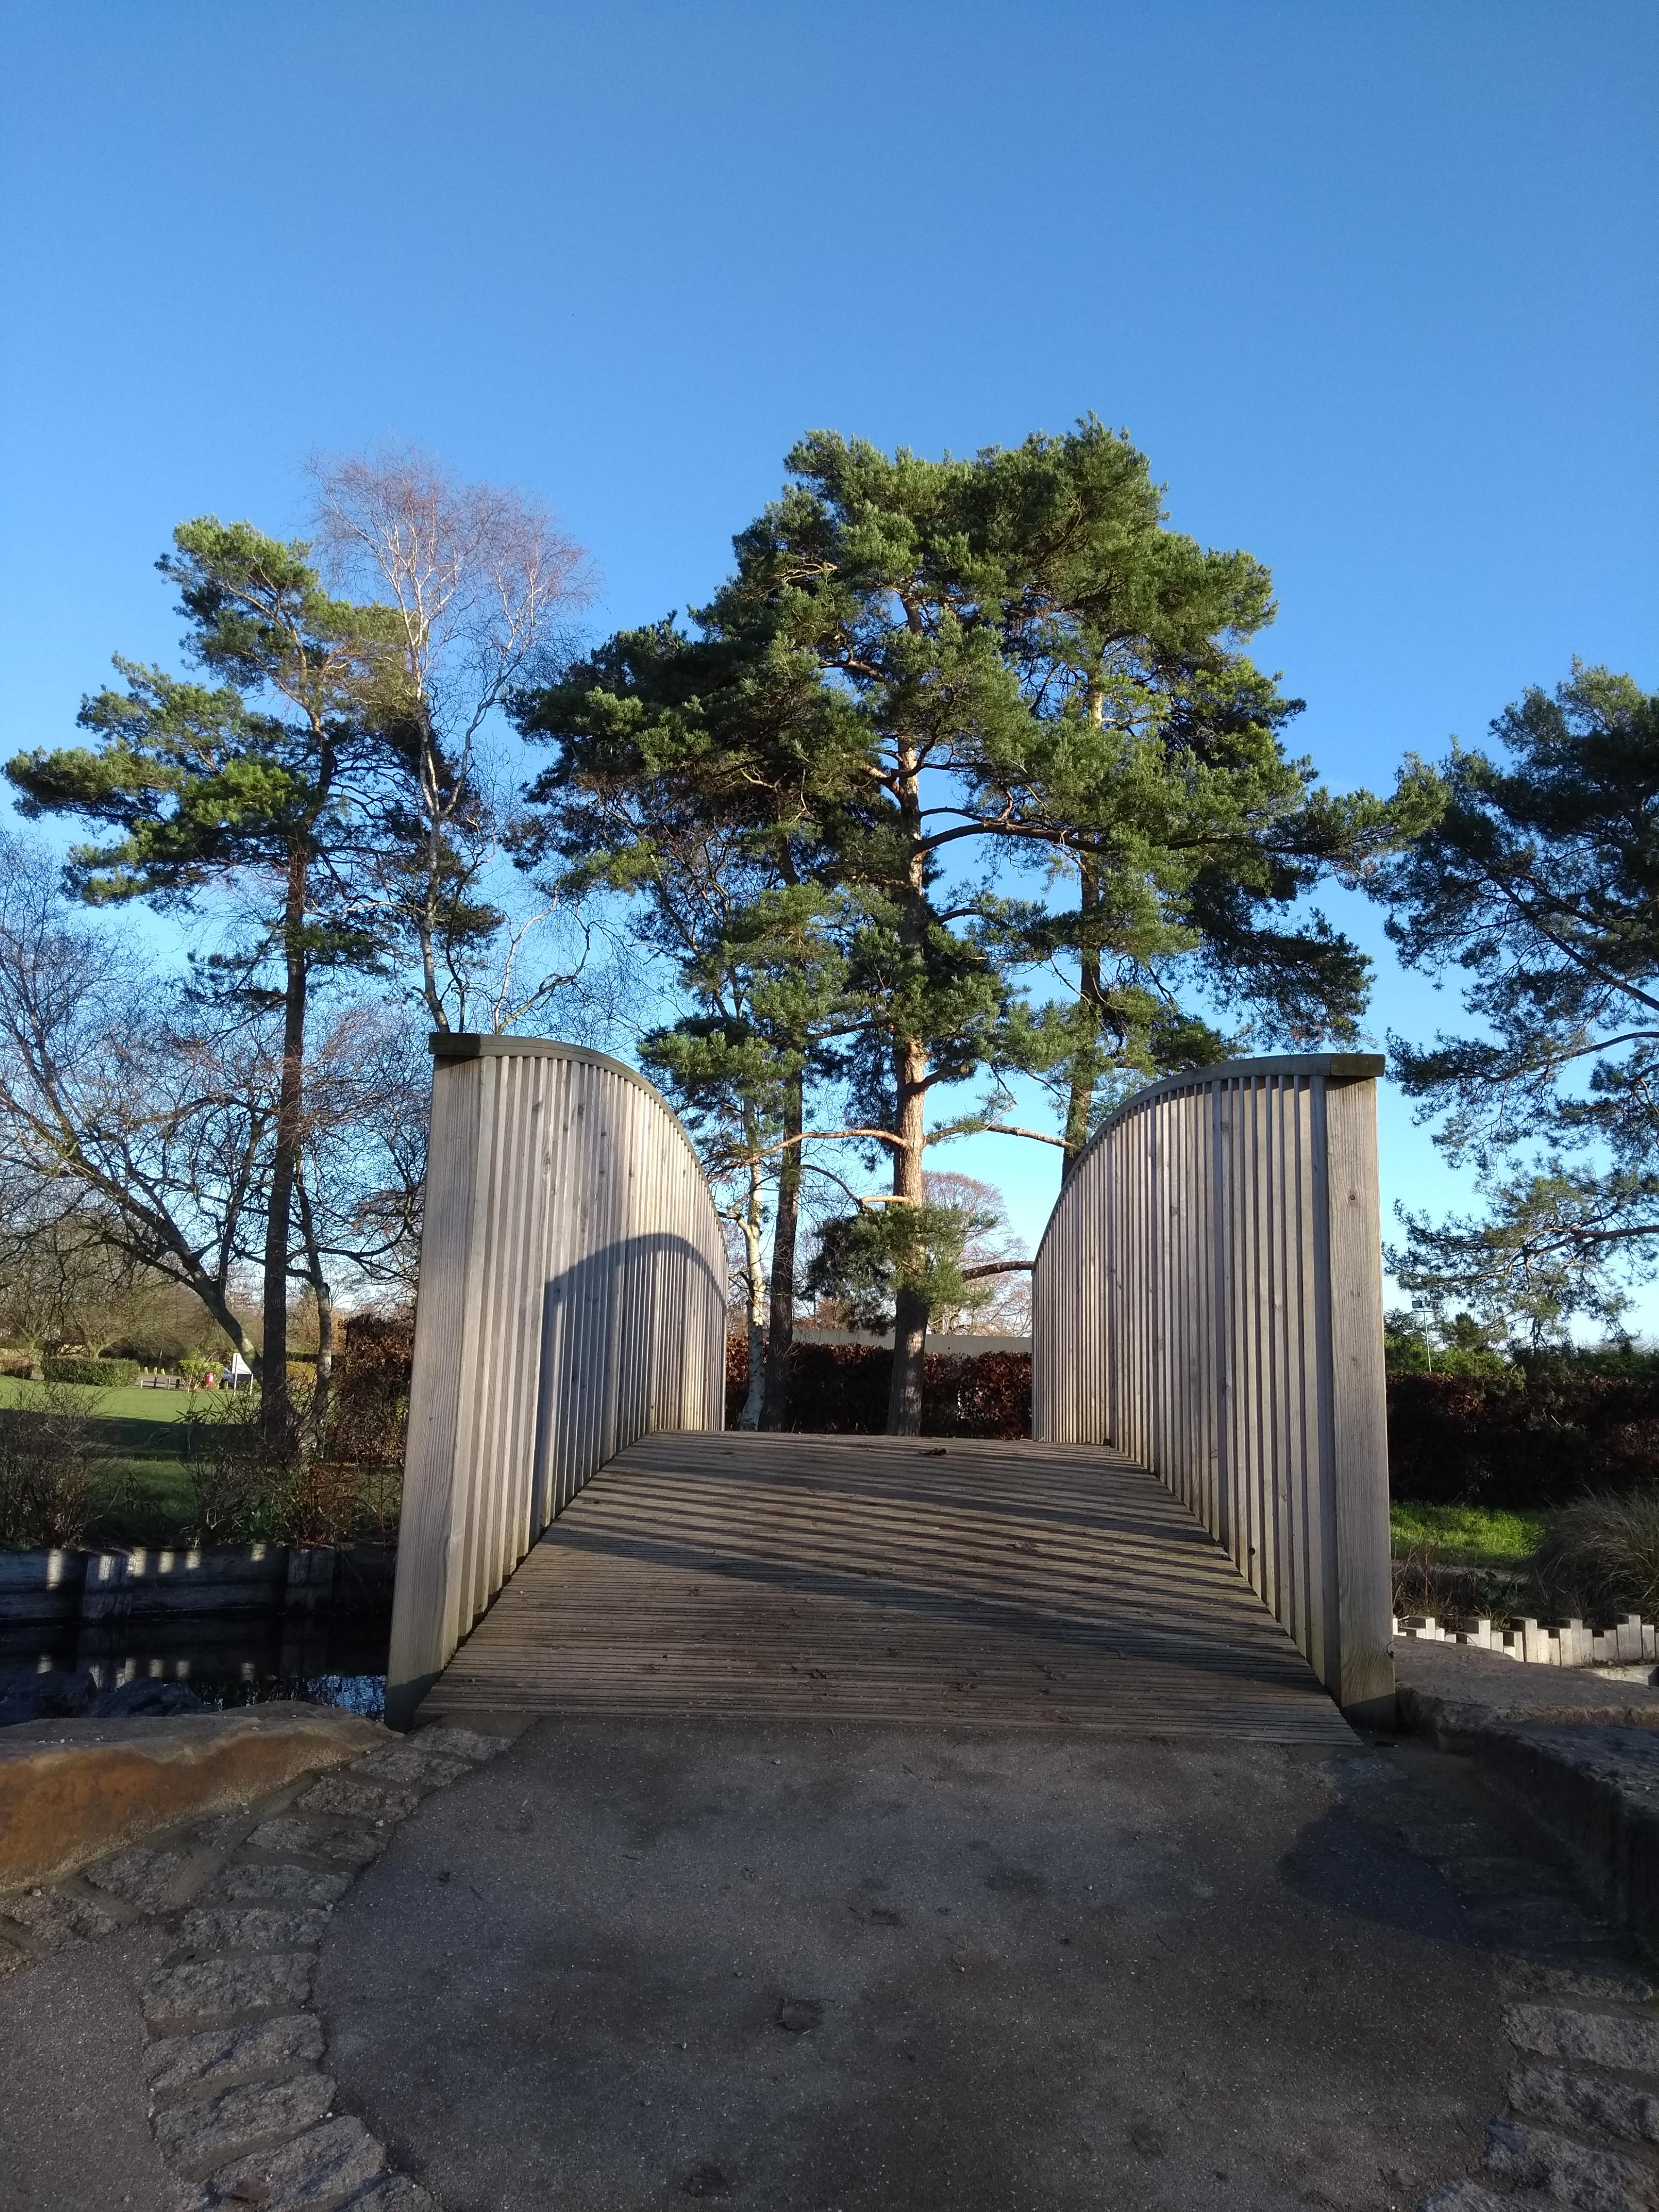 Sir Nicholas Winton Memorial garden